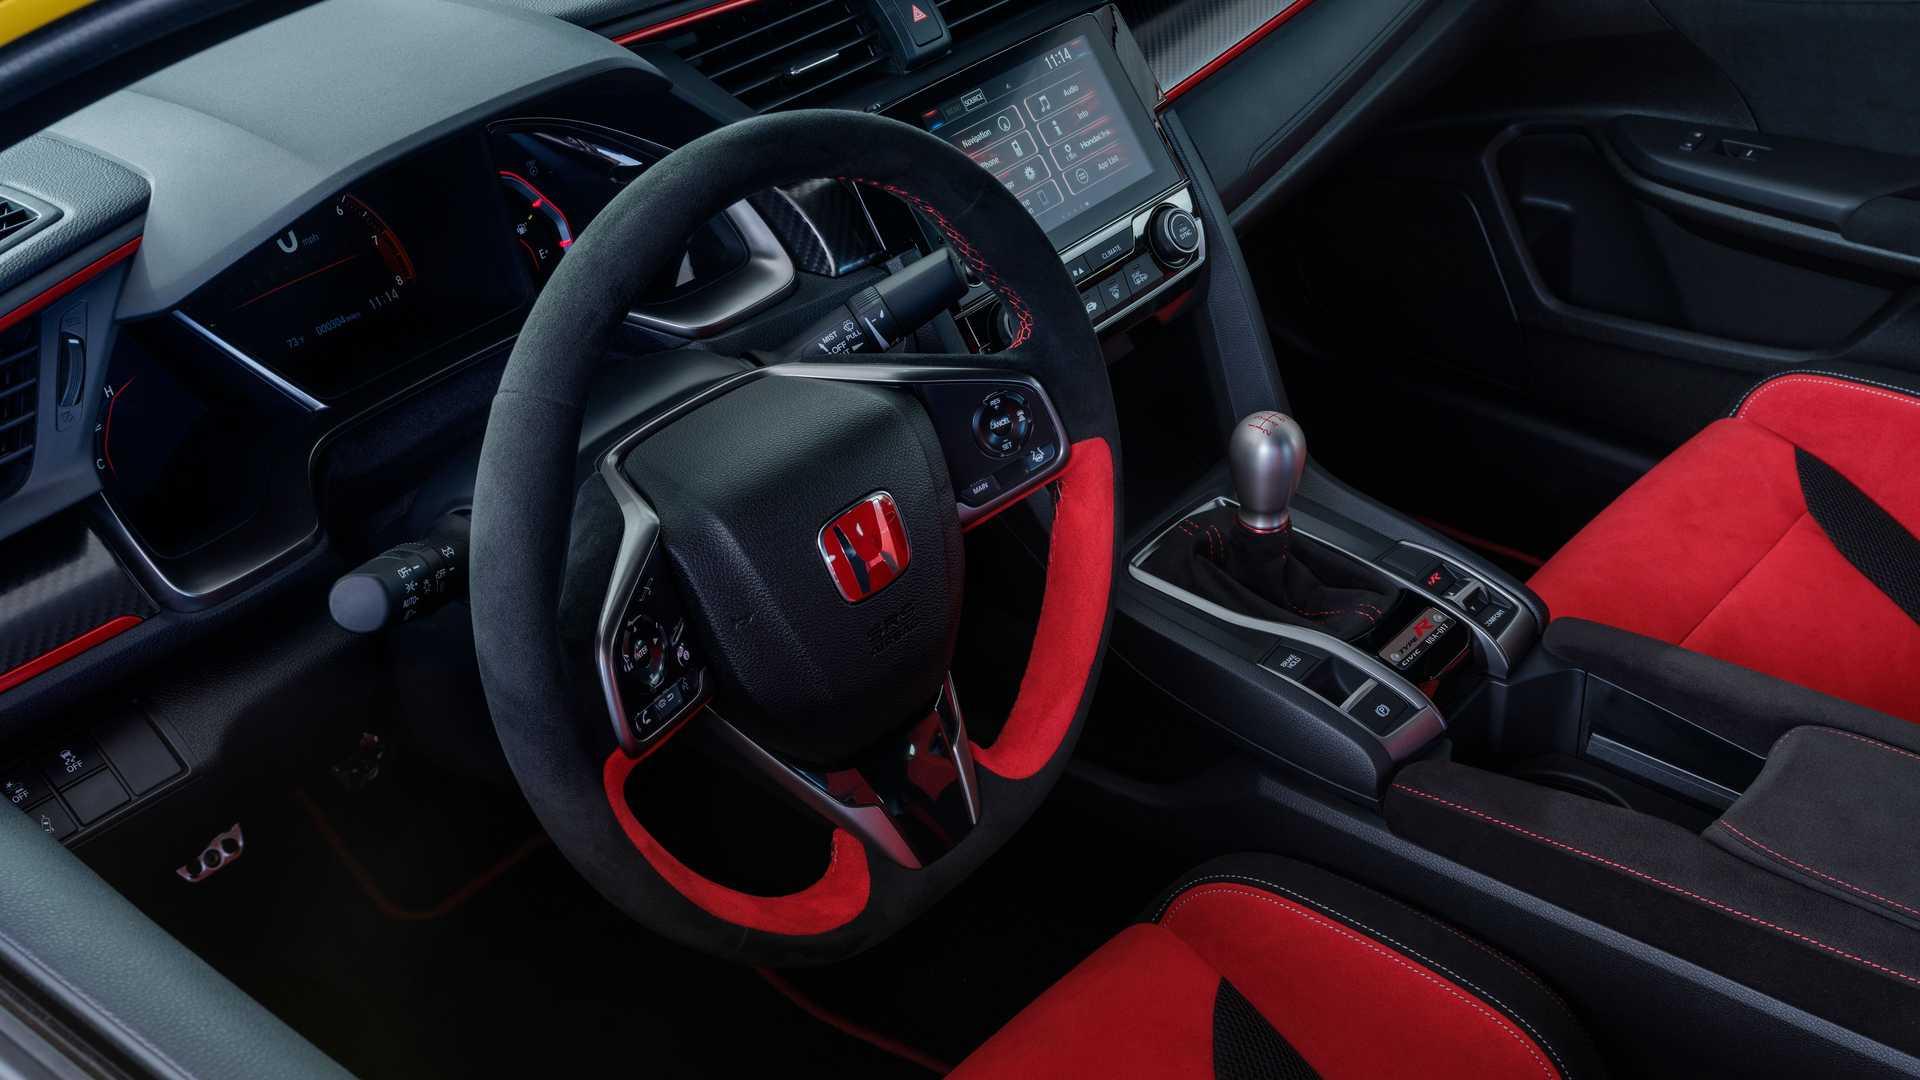 هاچ بک آتشین هوندا در نسخه تولید محدود 2021